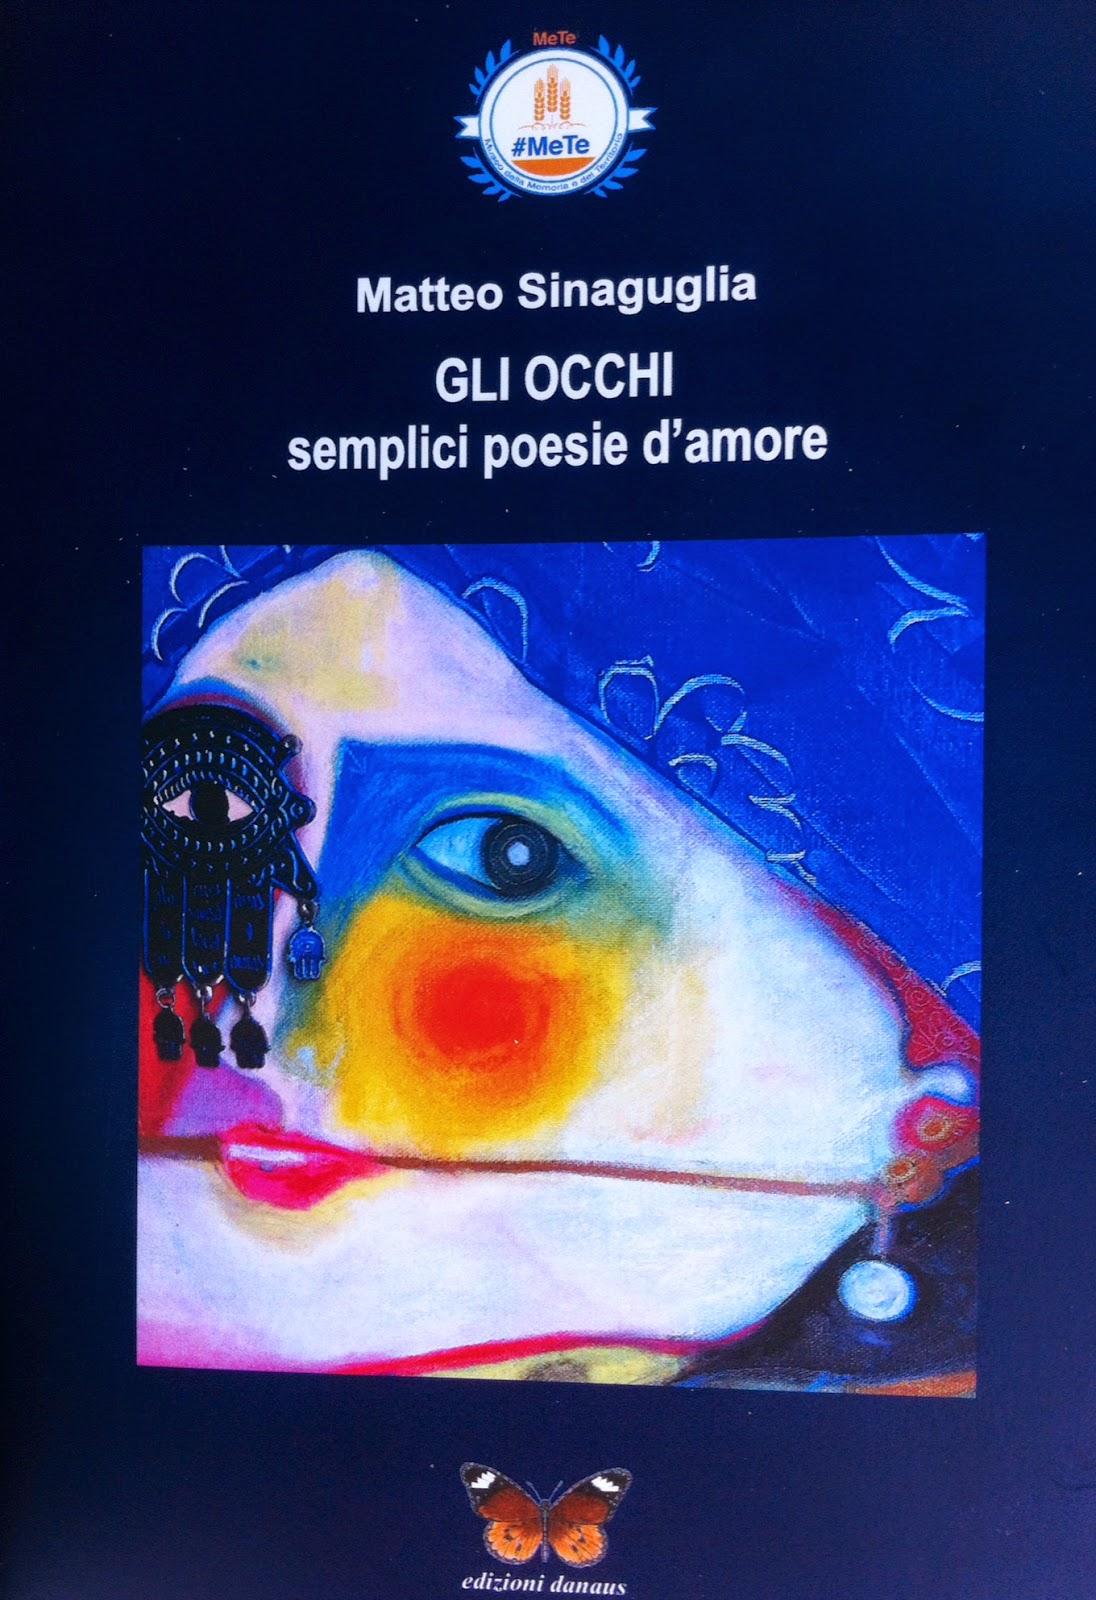 Gli Occhi, semplici poesie d'amore di Matteo Sinaguglia, Museo #MeTe Siculiana